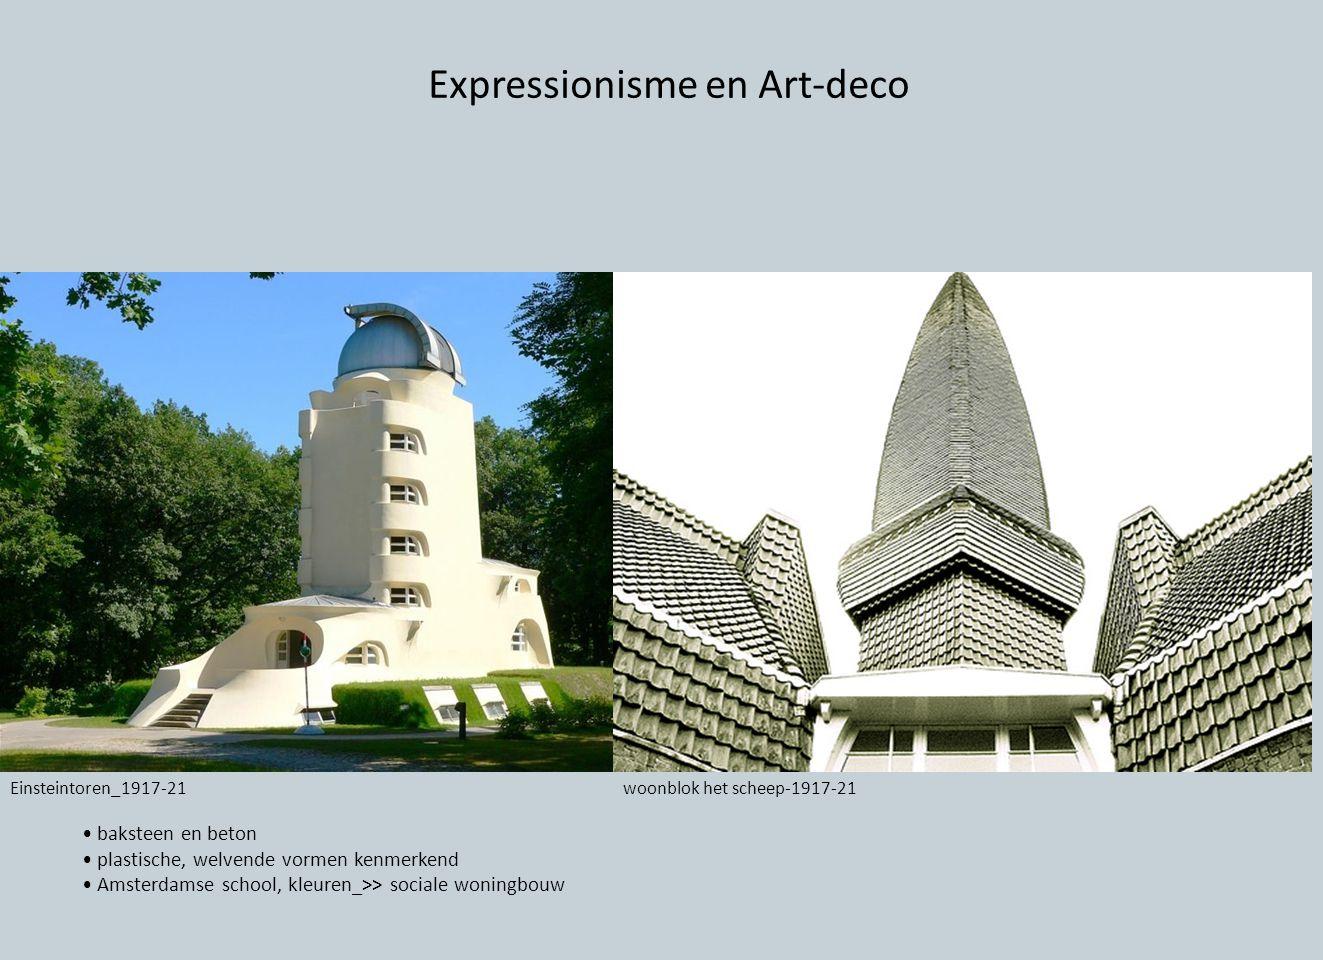 Expressionisme en Art-deco